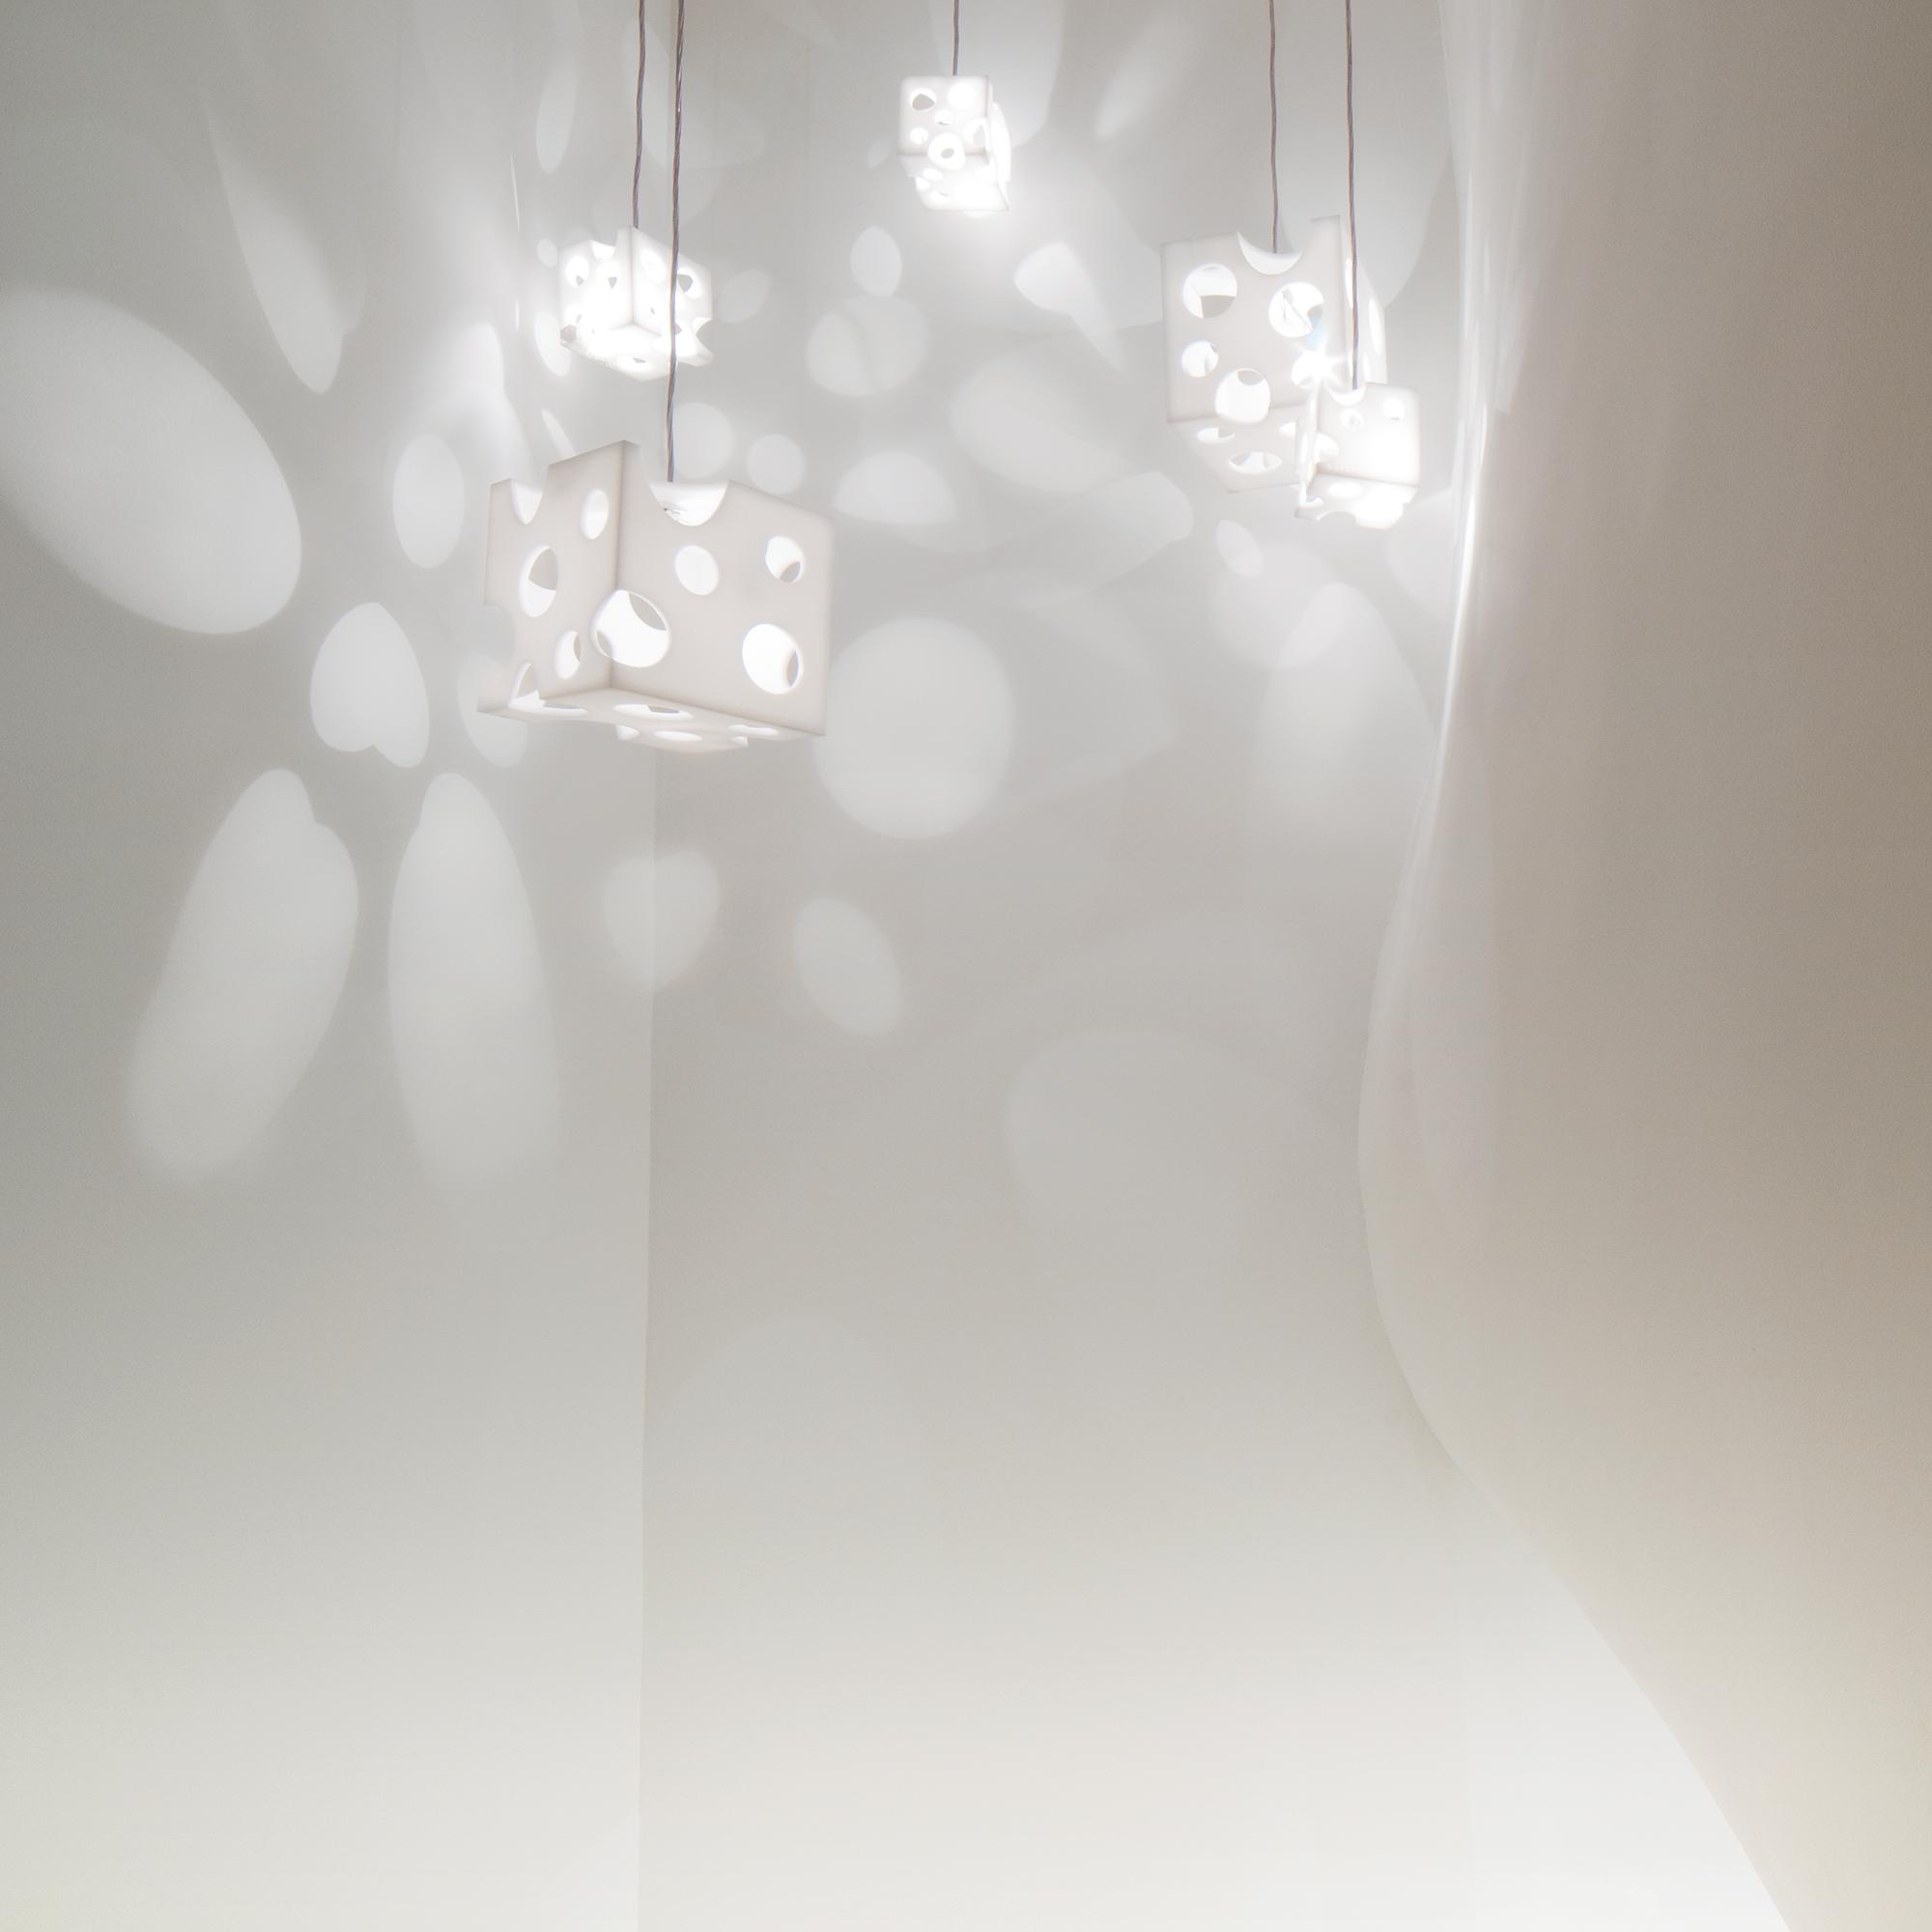 ルミエ・クッペ (白 ) - Lumière Coupée (White)- W300xD300xH300mm